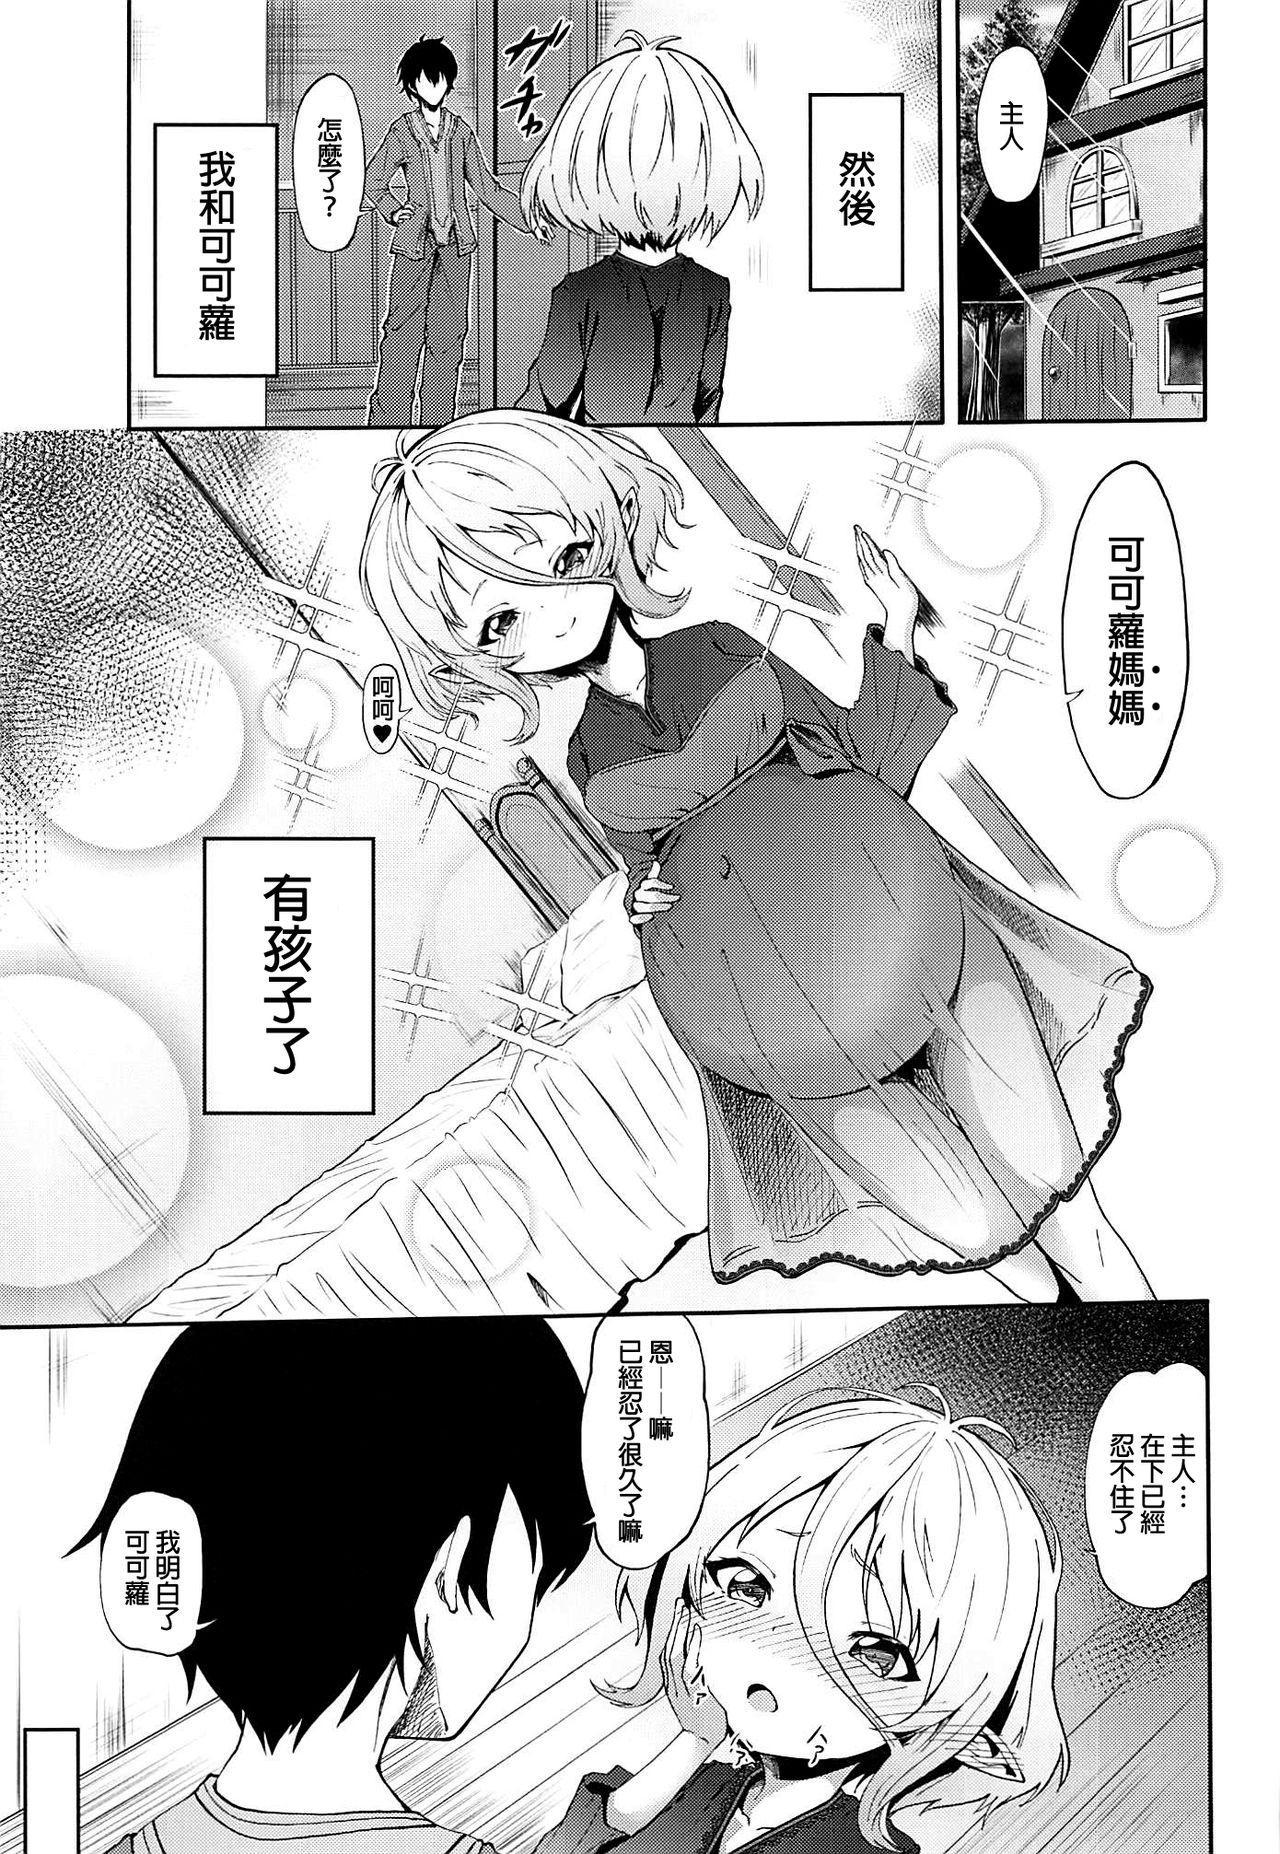 Kokkoro-chan no Seiyoku Kaika | 小可可蘿的性欲開花 18